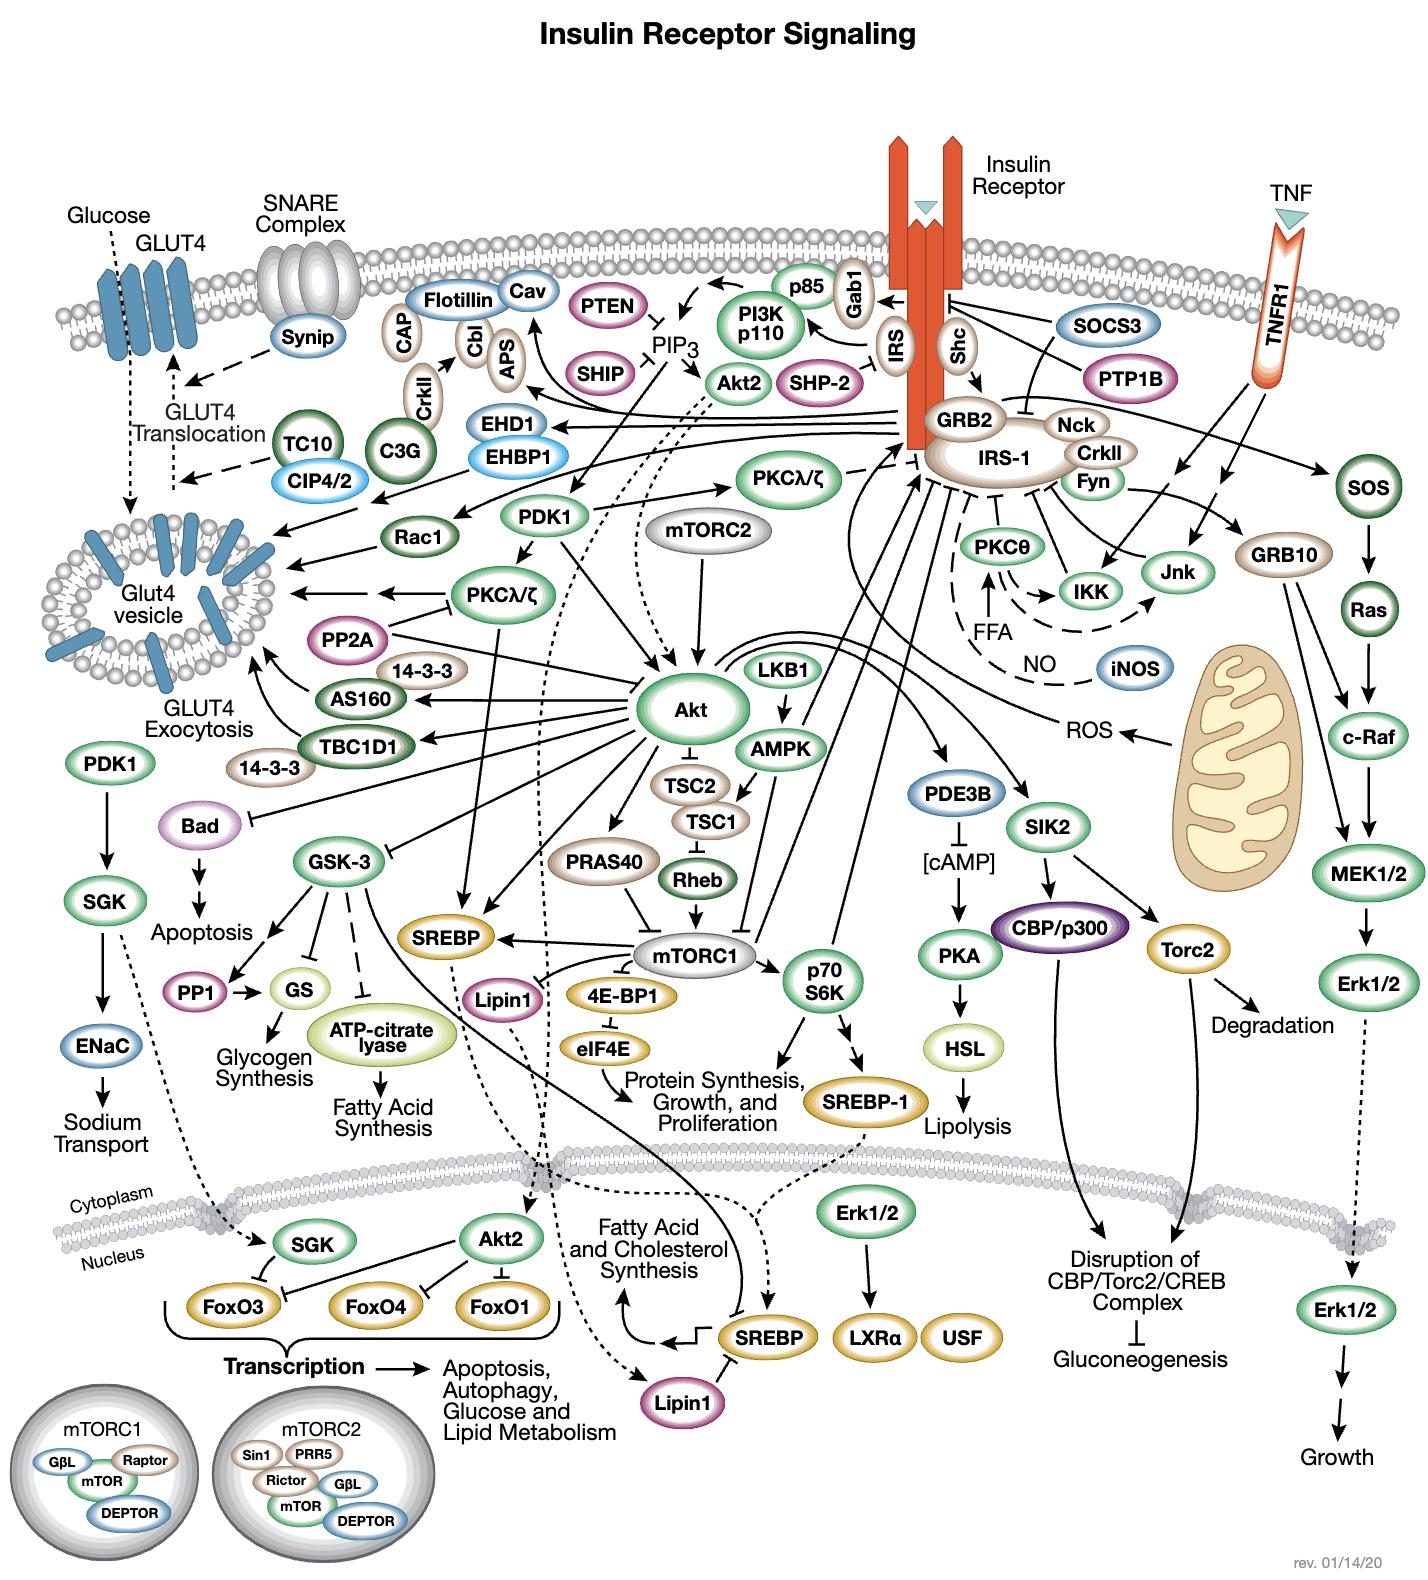 胰岛素受体信号转导相互作用通路